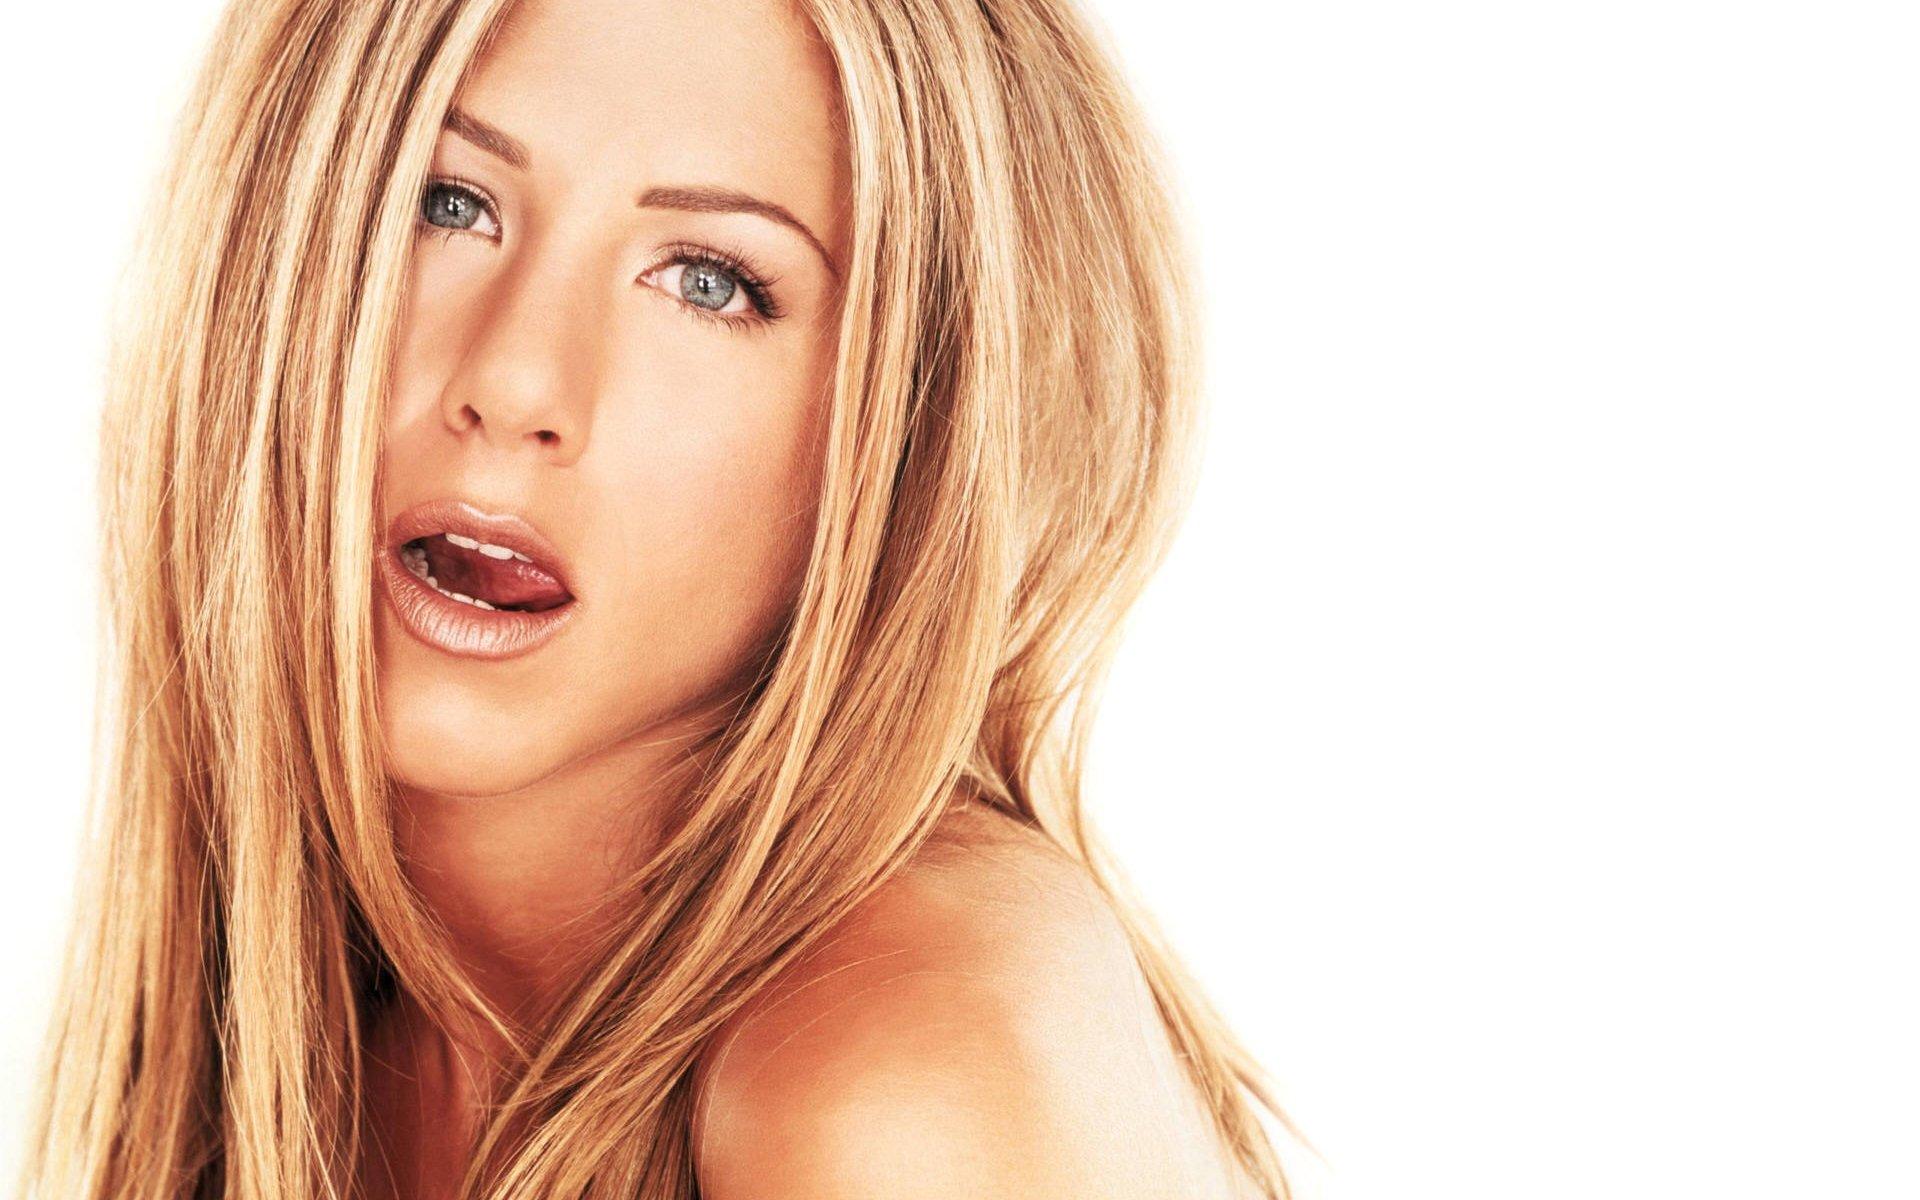 Jennifer Aniston For Desktop